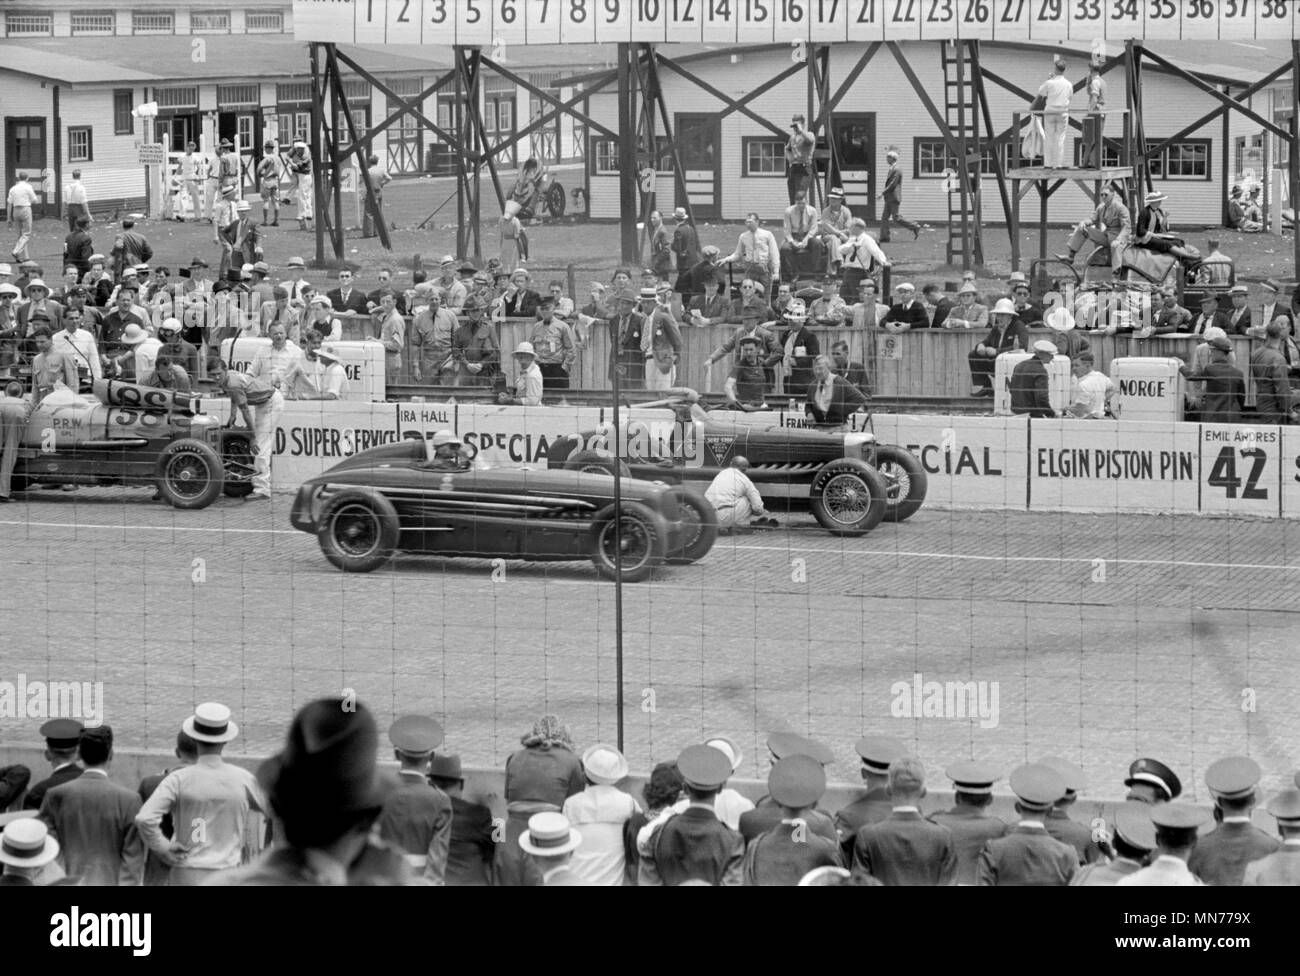 Gara automobilistica, Indianapolis, Indiana, Stati Uniti d'America, Arthur Rothstein PER GLI STATI UNITI Amministrazione di reinsediamento, Maggio 1938 Immagini Stock